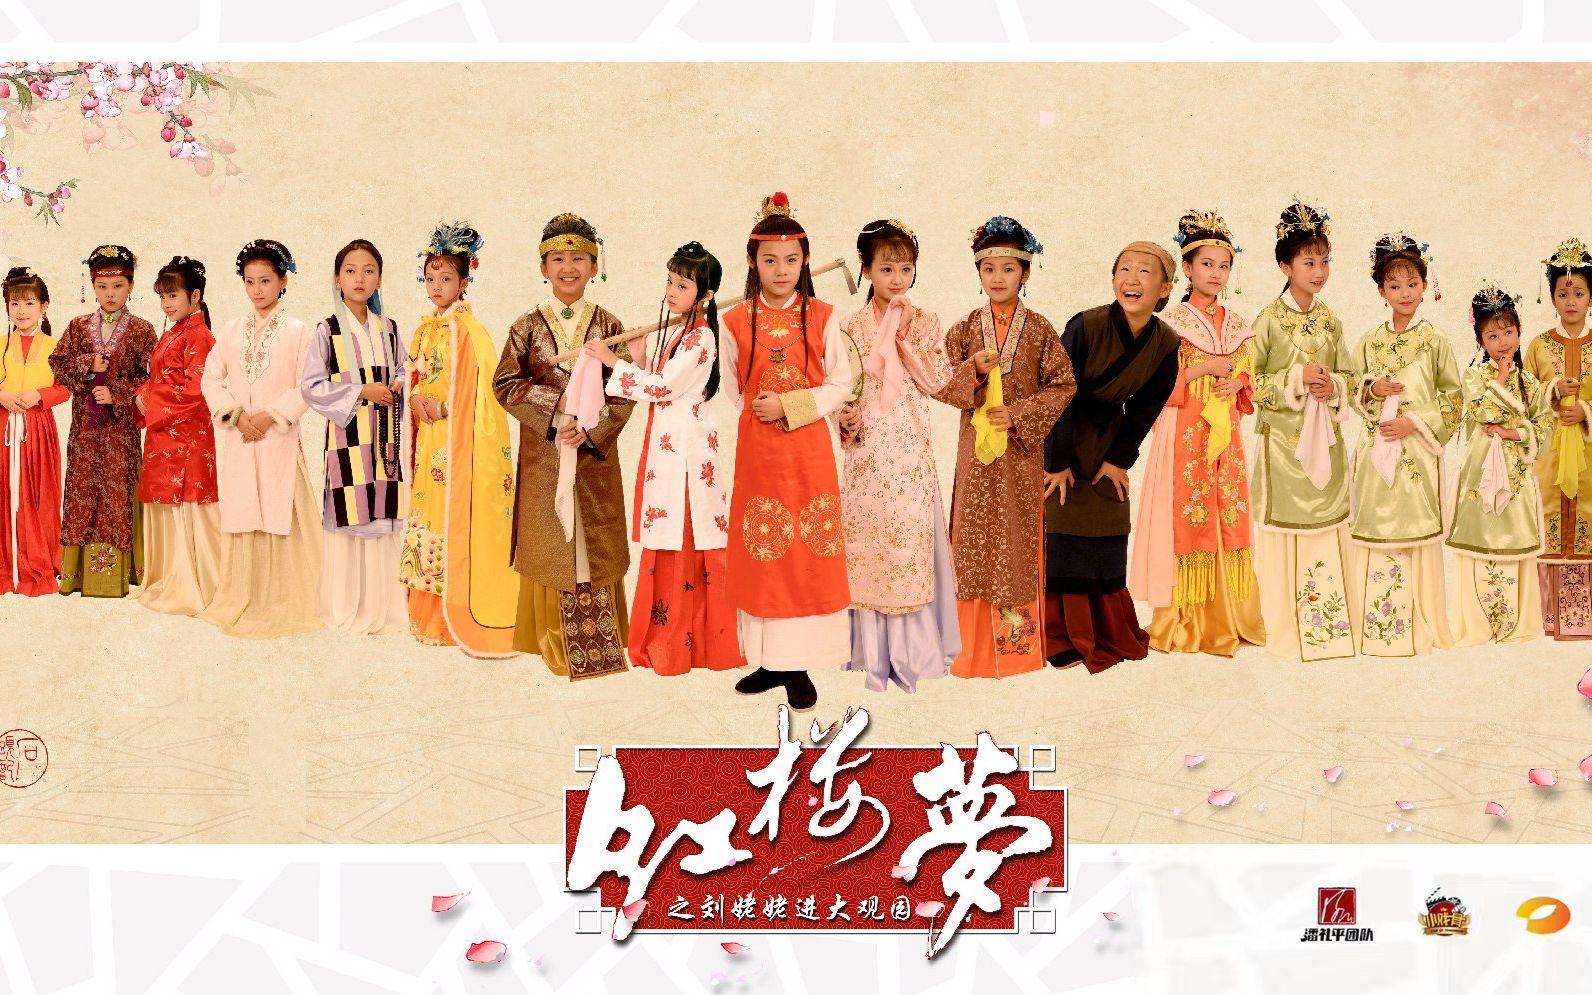 曹雪芹 作曲:王立平  视频素材来自《小戏骨:红楼梦之刘姥姥进大观园图片